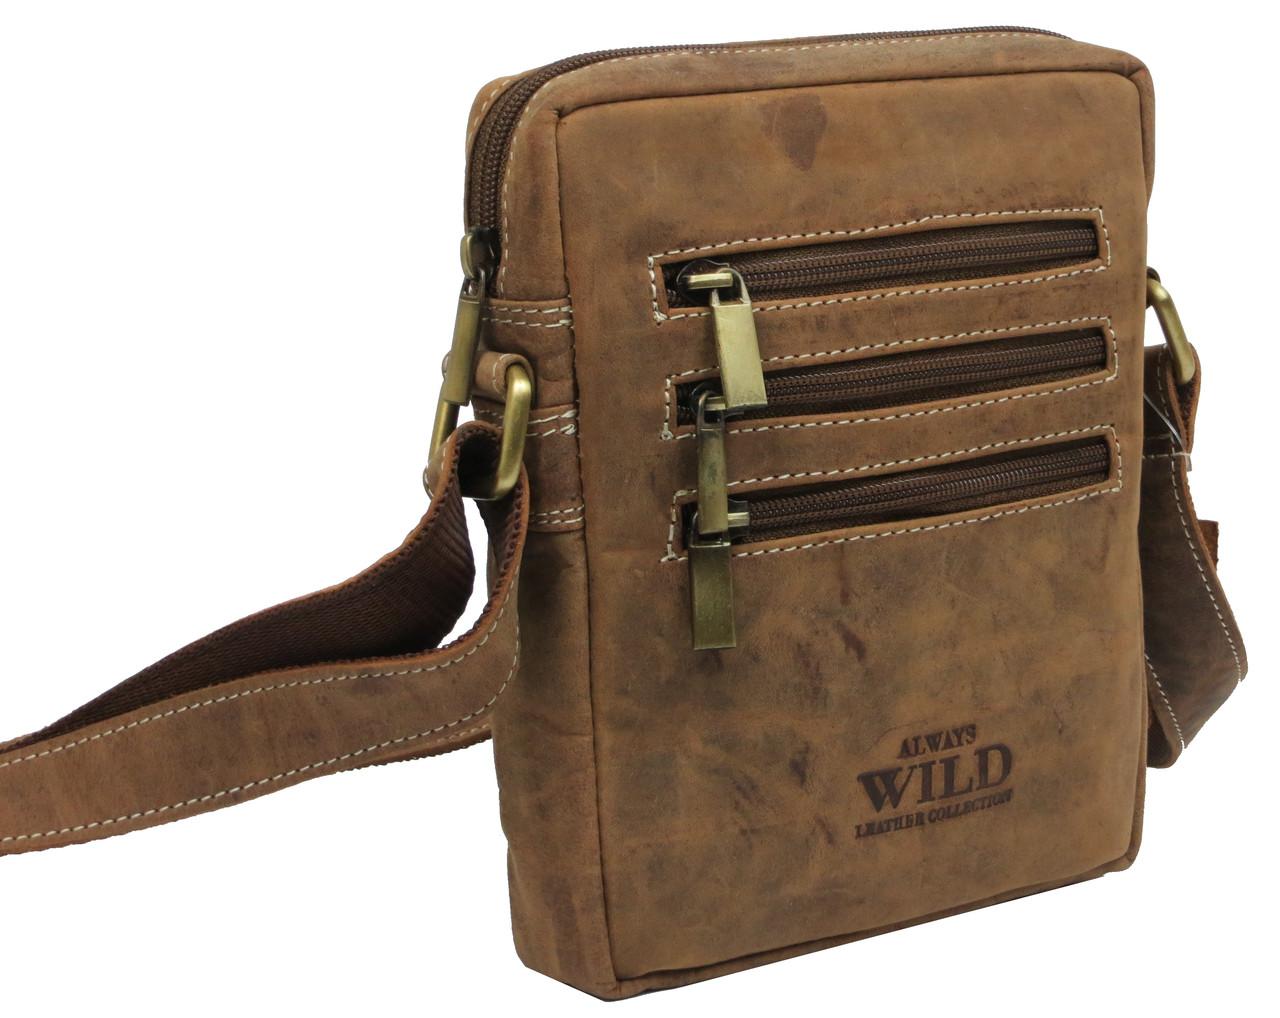 Небольшая кожаная сумка Always Wild 250MH коричневая